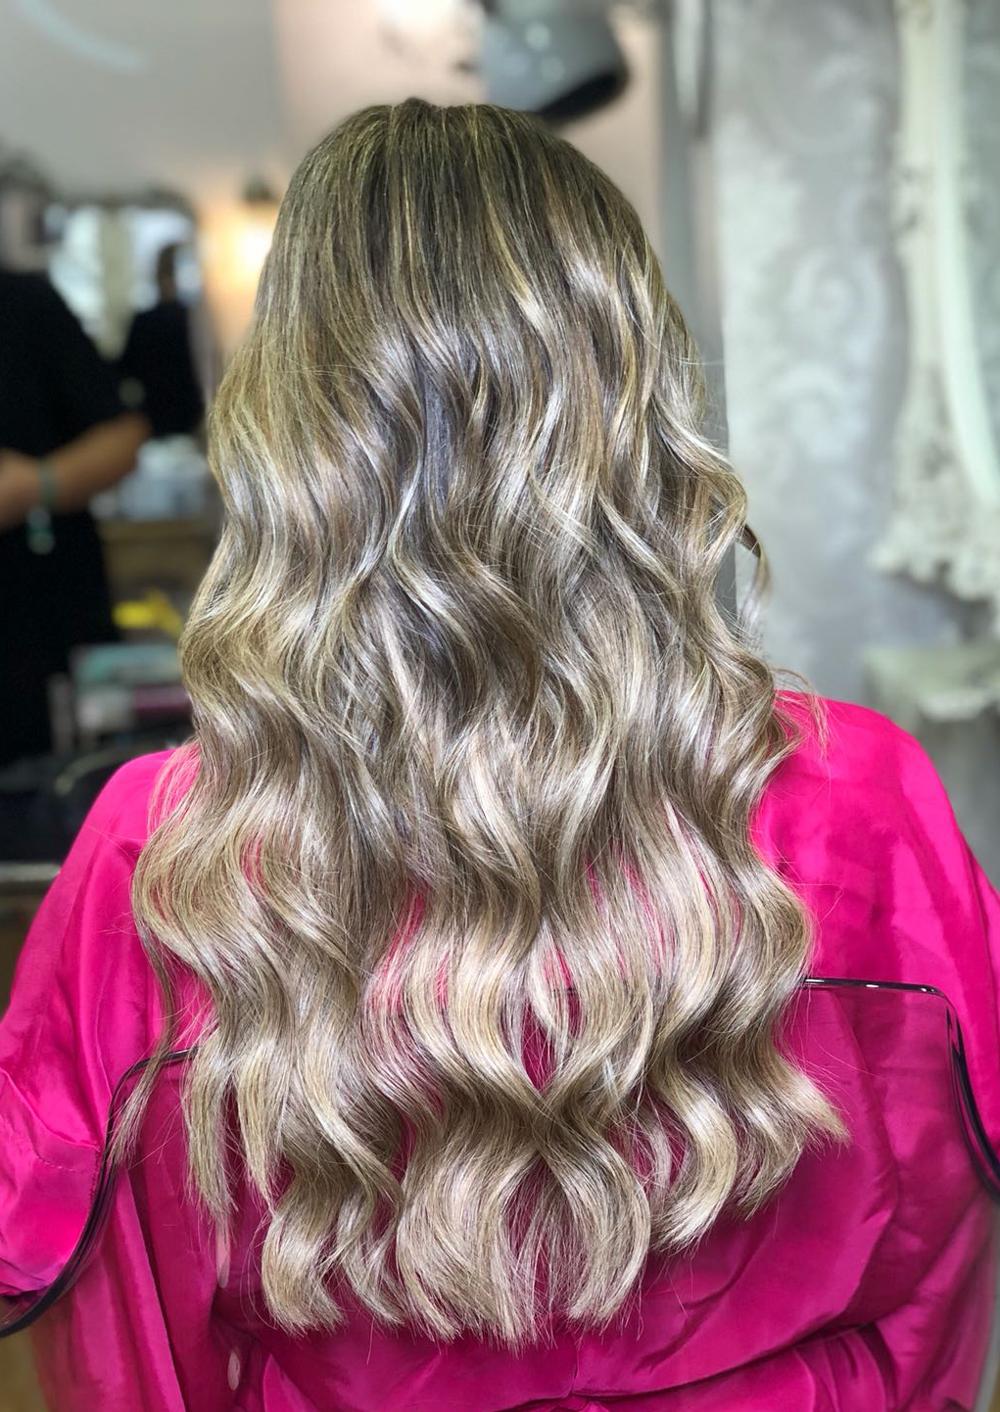 extensiones con ultrasonidos alargar cabello eva pellejero